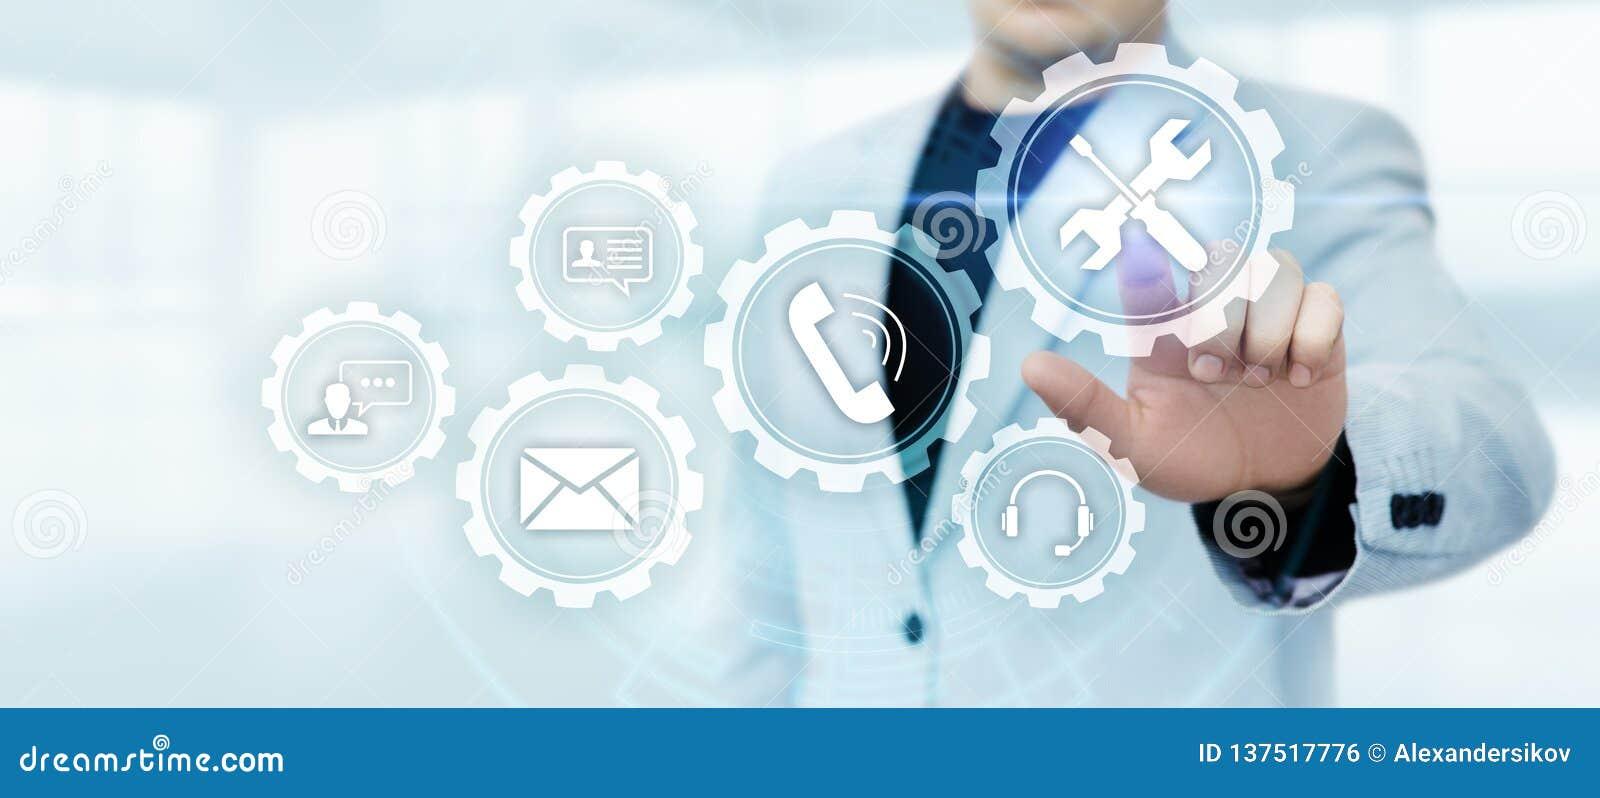 Έννοια Διαδικτύου επιχειρησιακής τεχνολογίας εξυπηρέτησης πελατών τεχνικής υποστήριξης